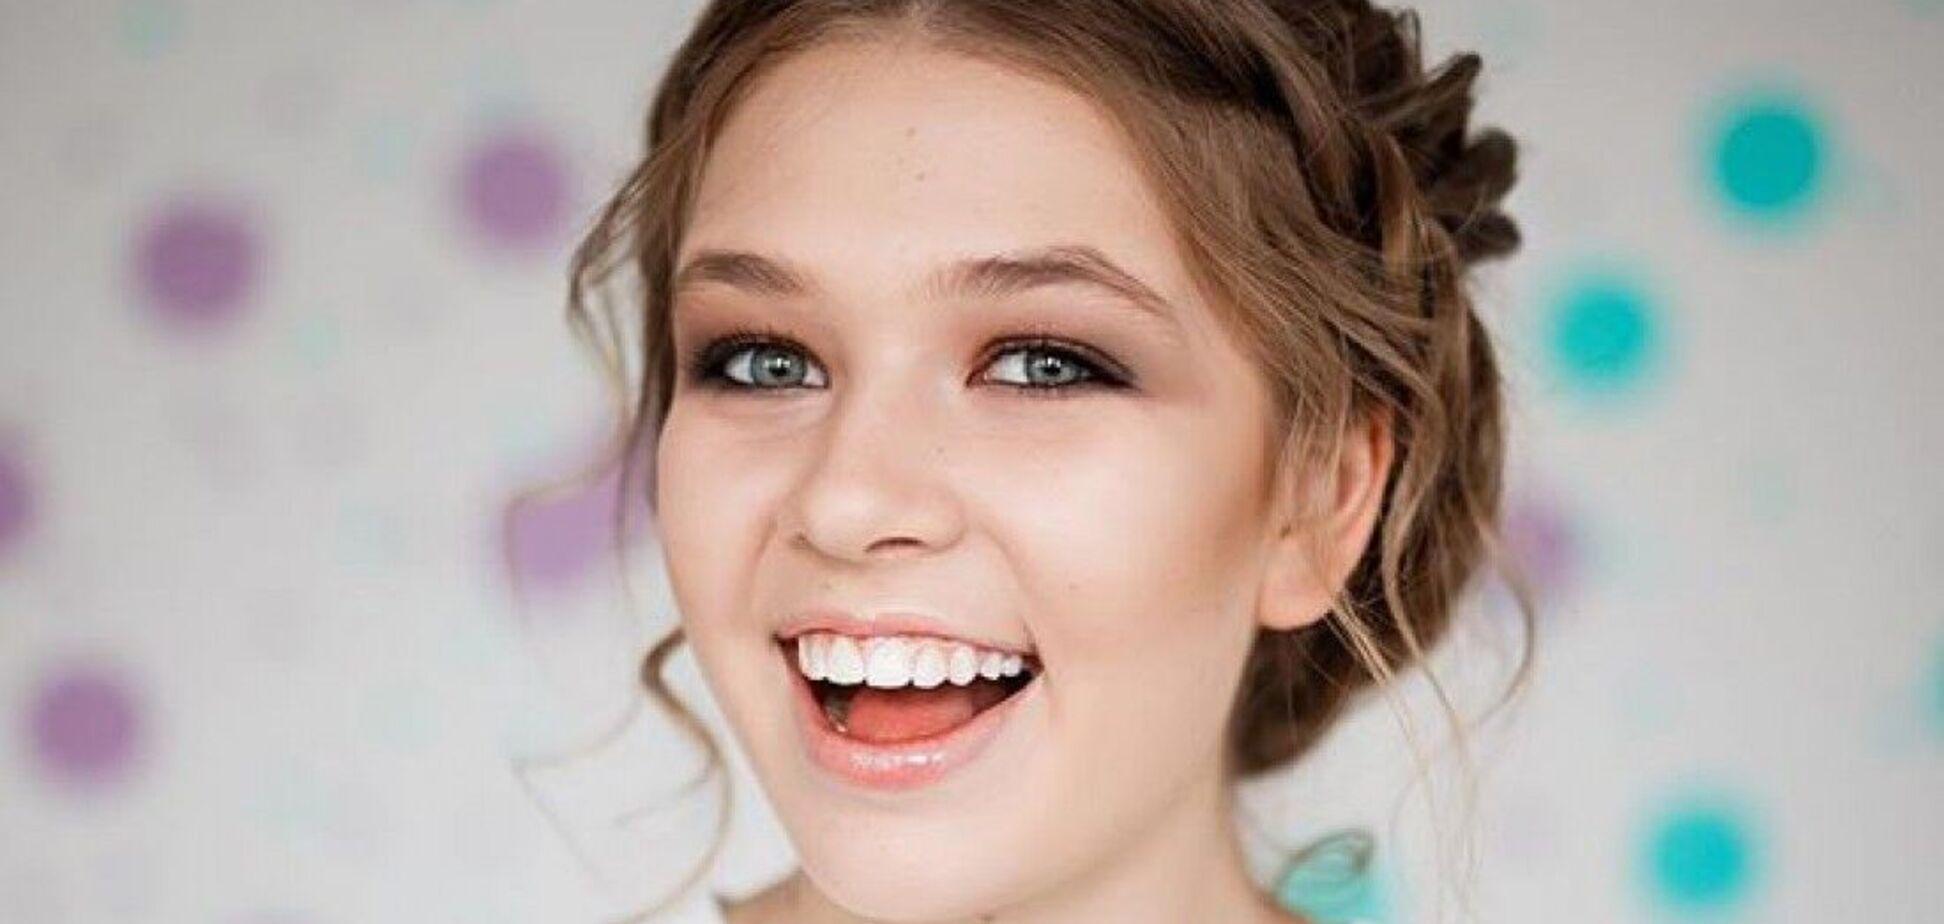 20-річна донька Брежнєвої показала сексуальні знімки в прозорій білизні